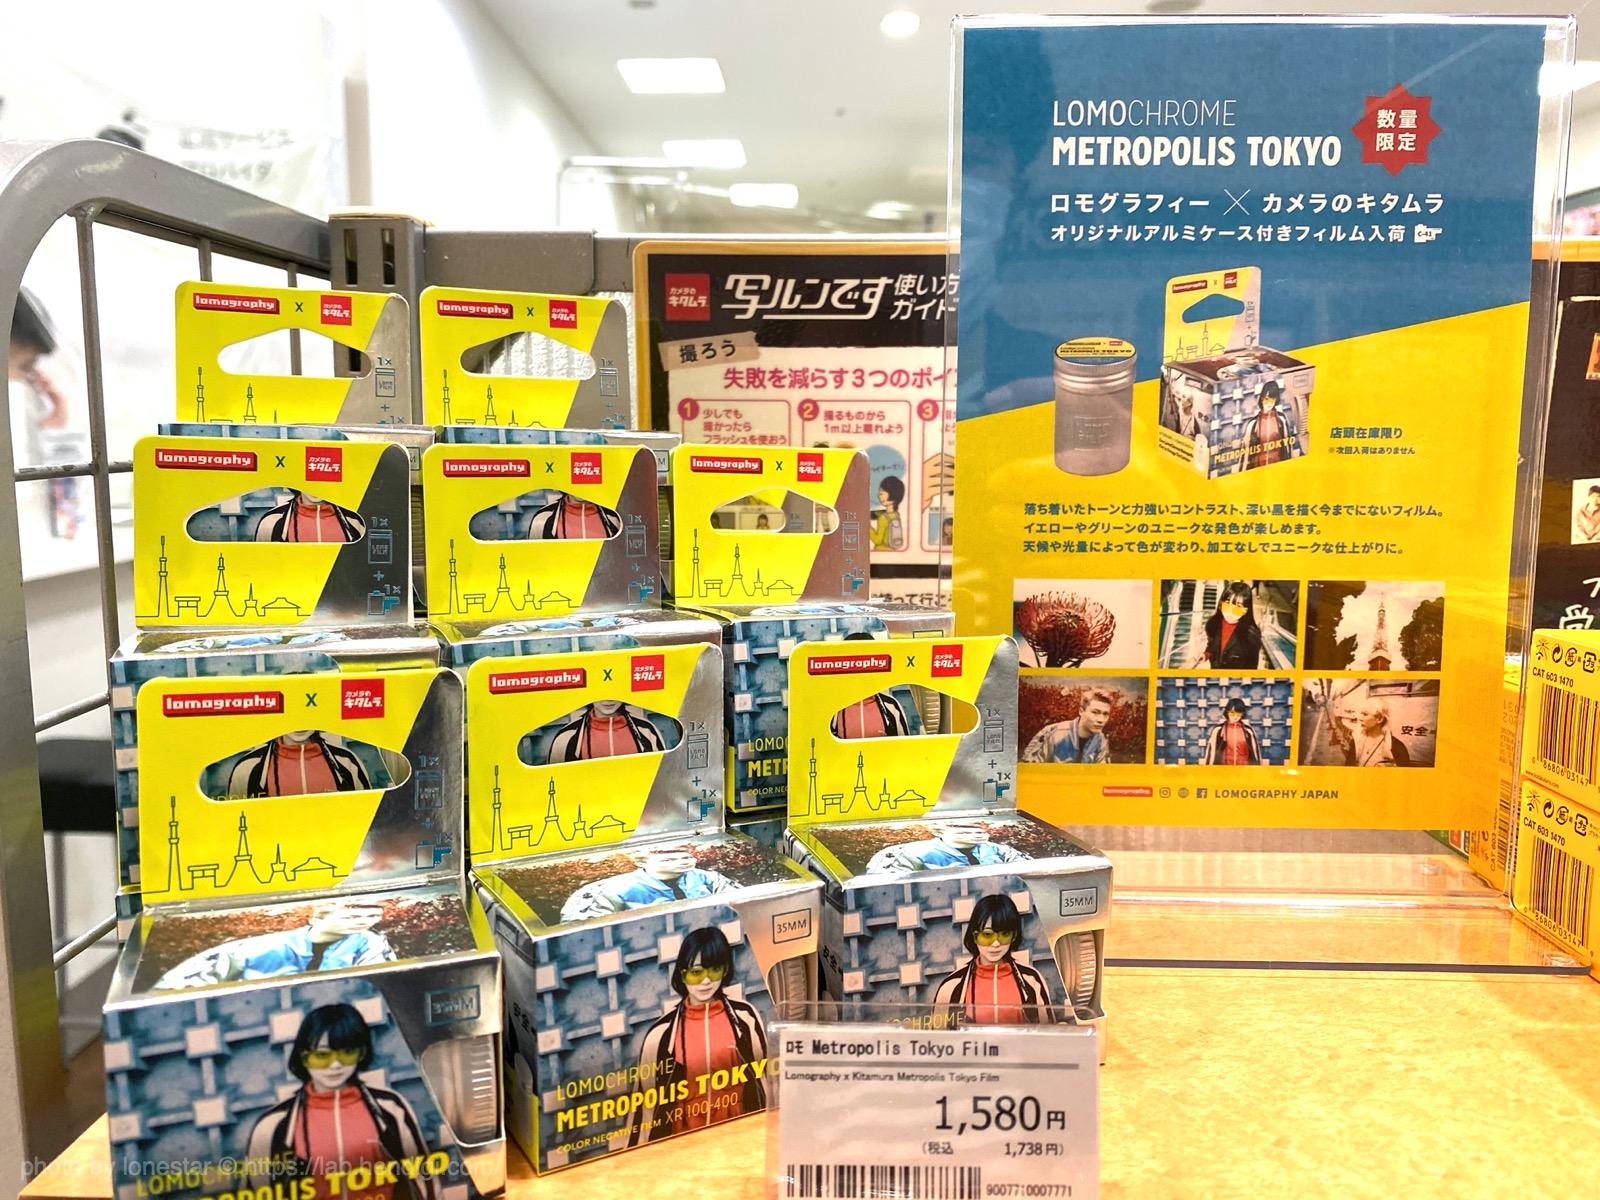 LomoChrome Metropolis TOKYO